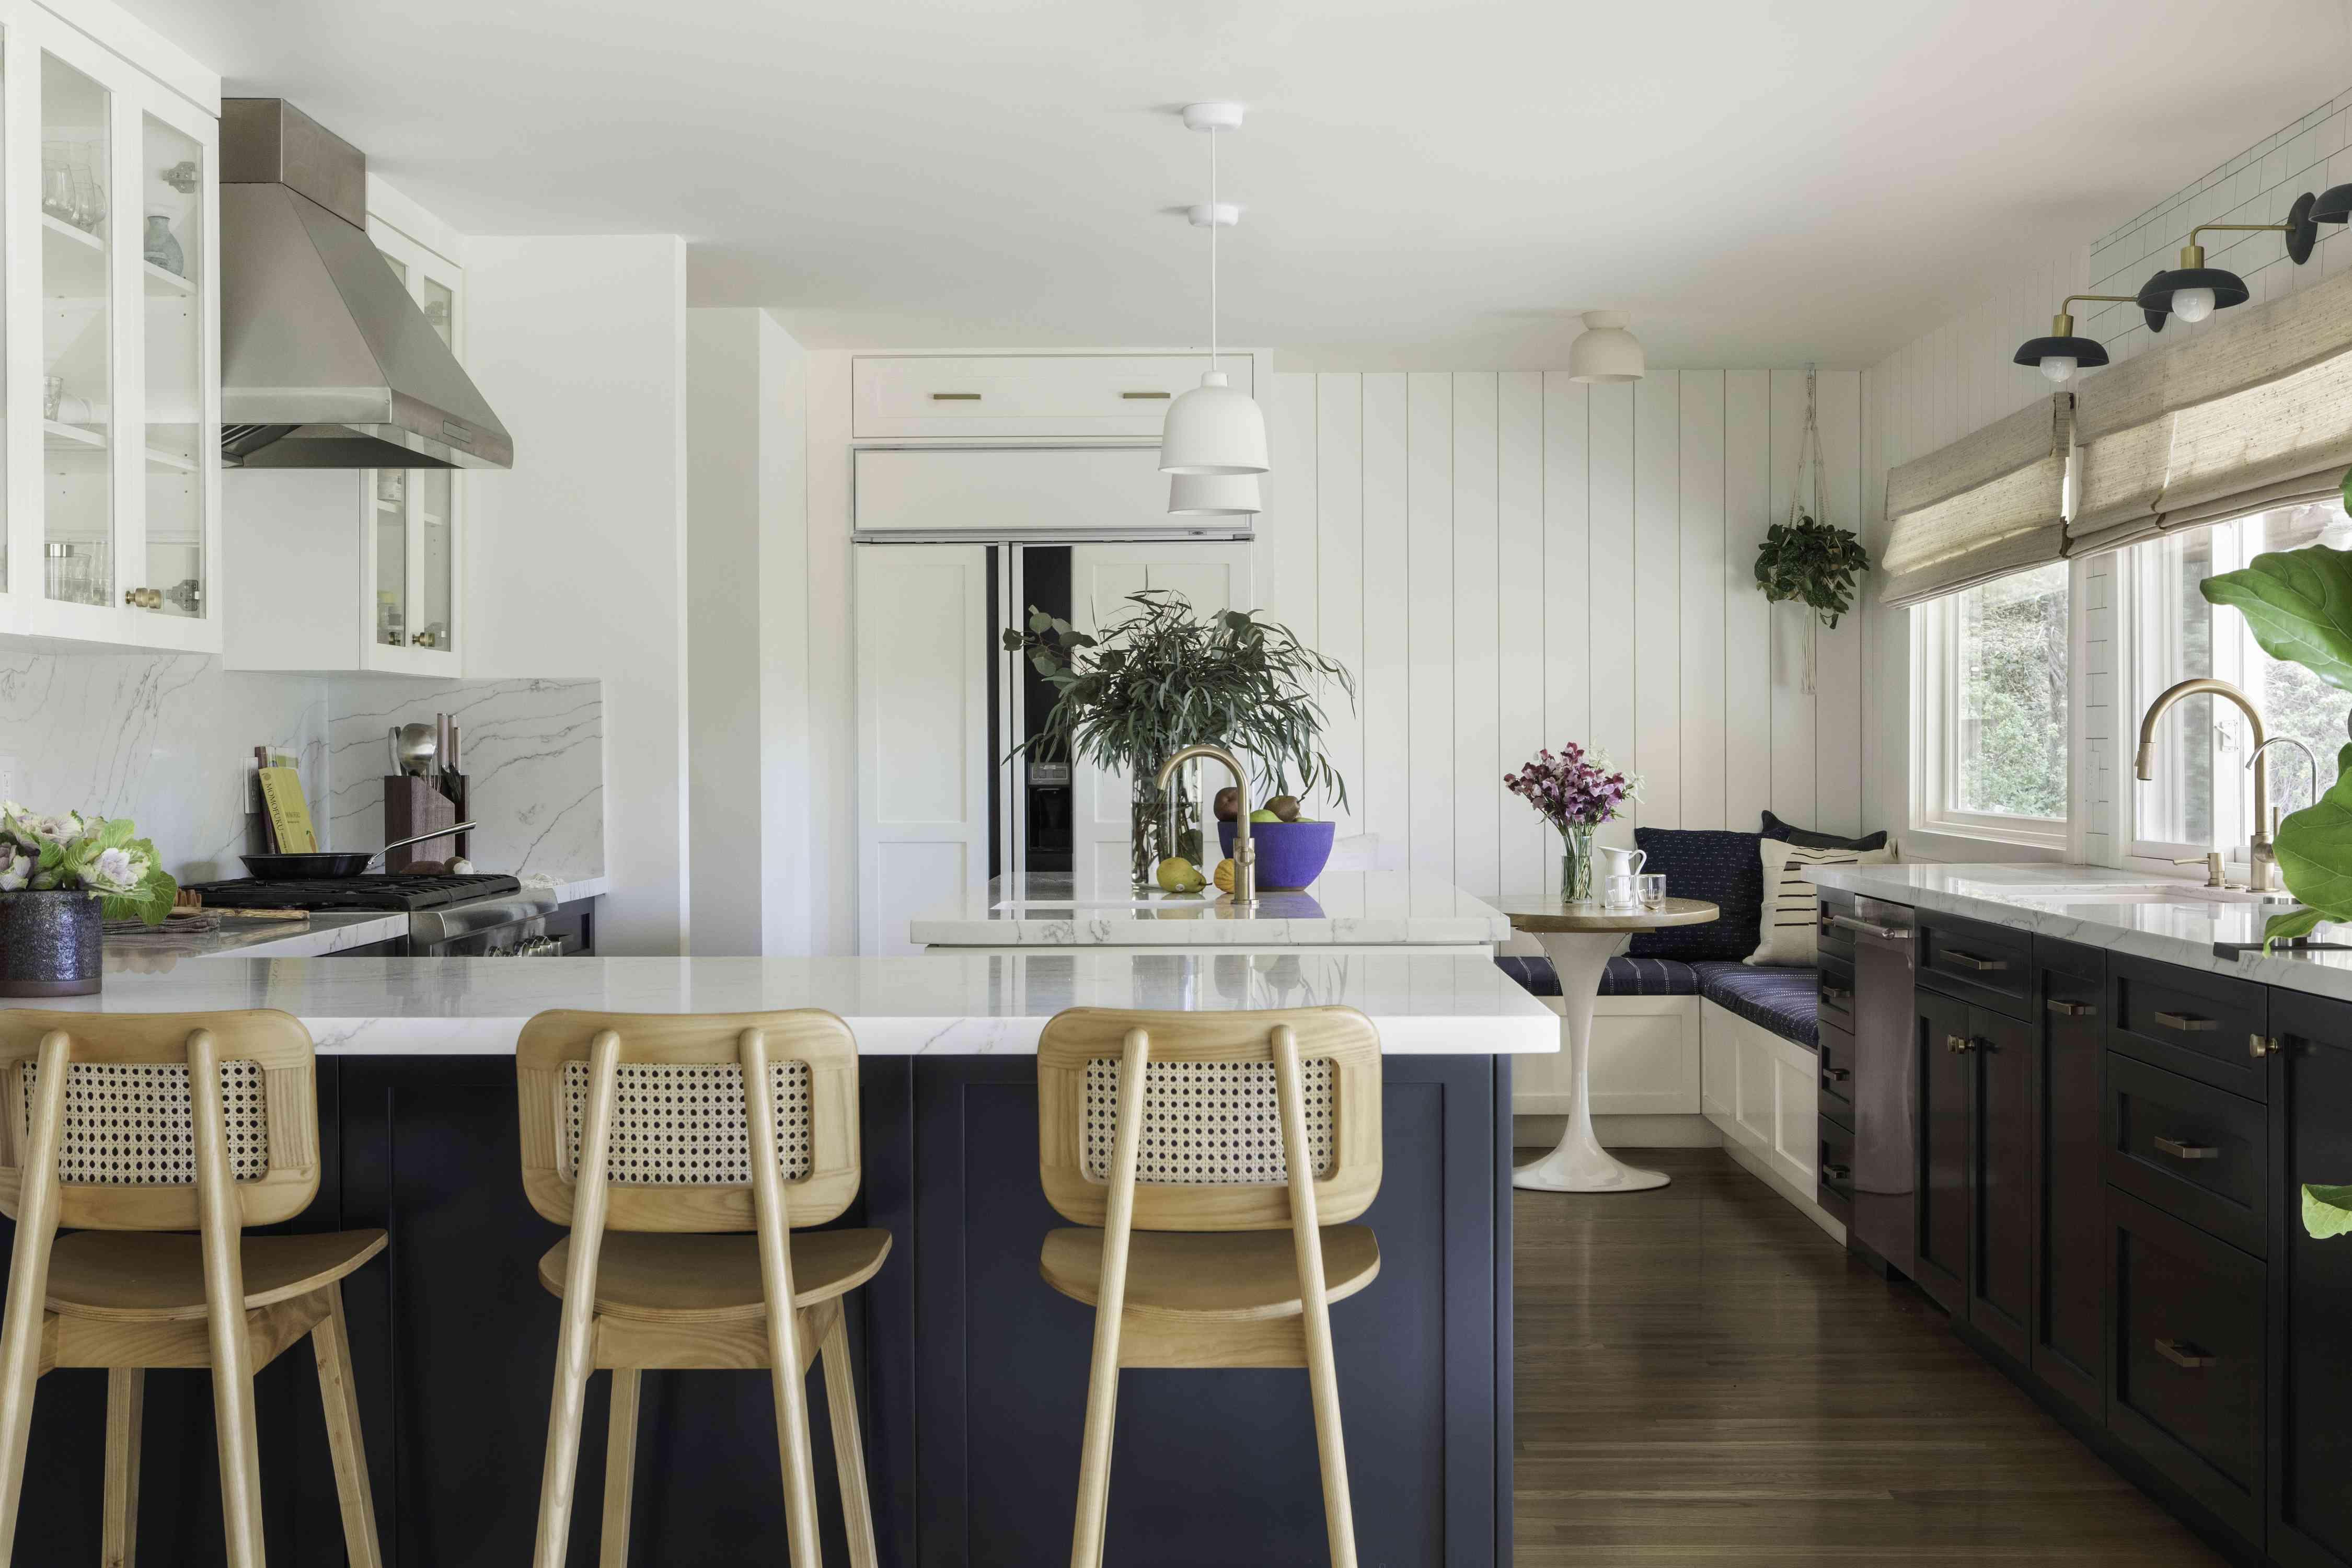 New, fresh kitchen.